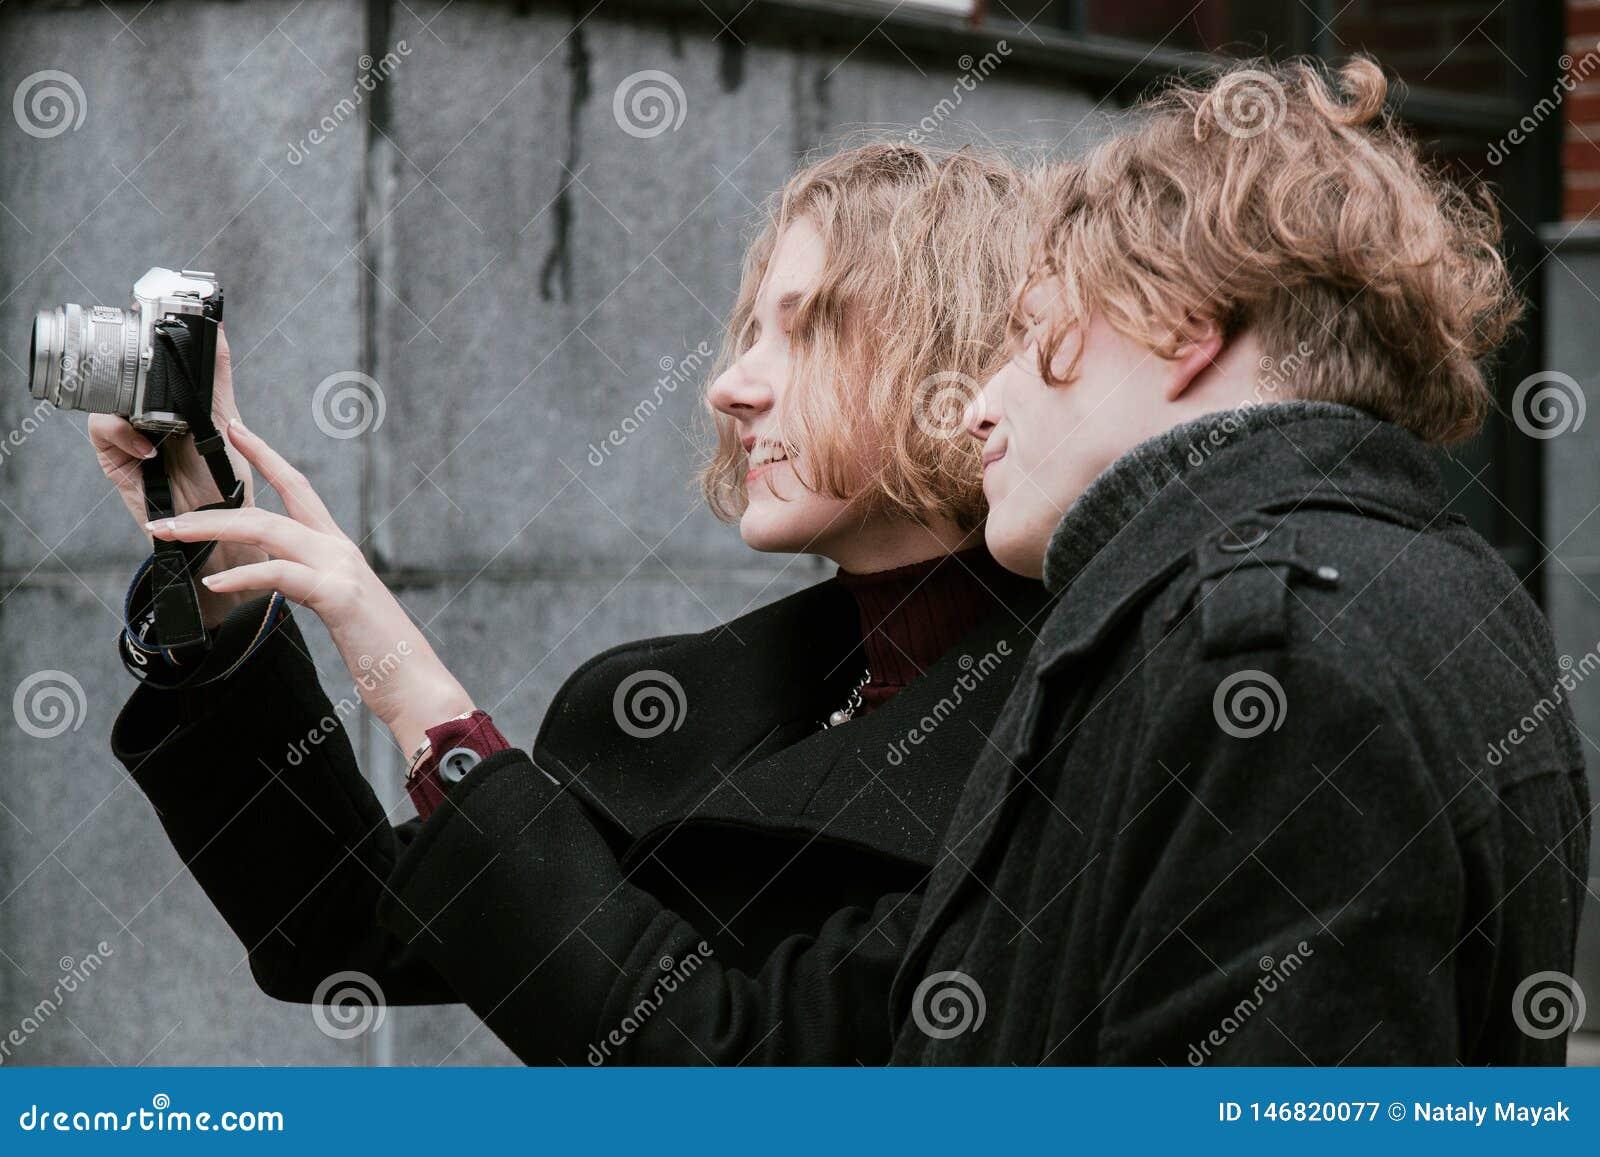 Tipo riccio-dai capelli biondo e la stessa ragazza prendere le immagini se stessi e prendere le immagini intorno